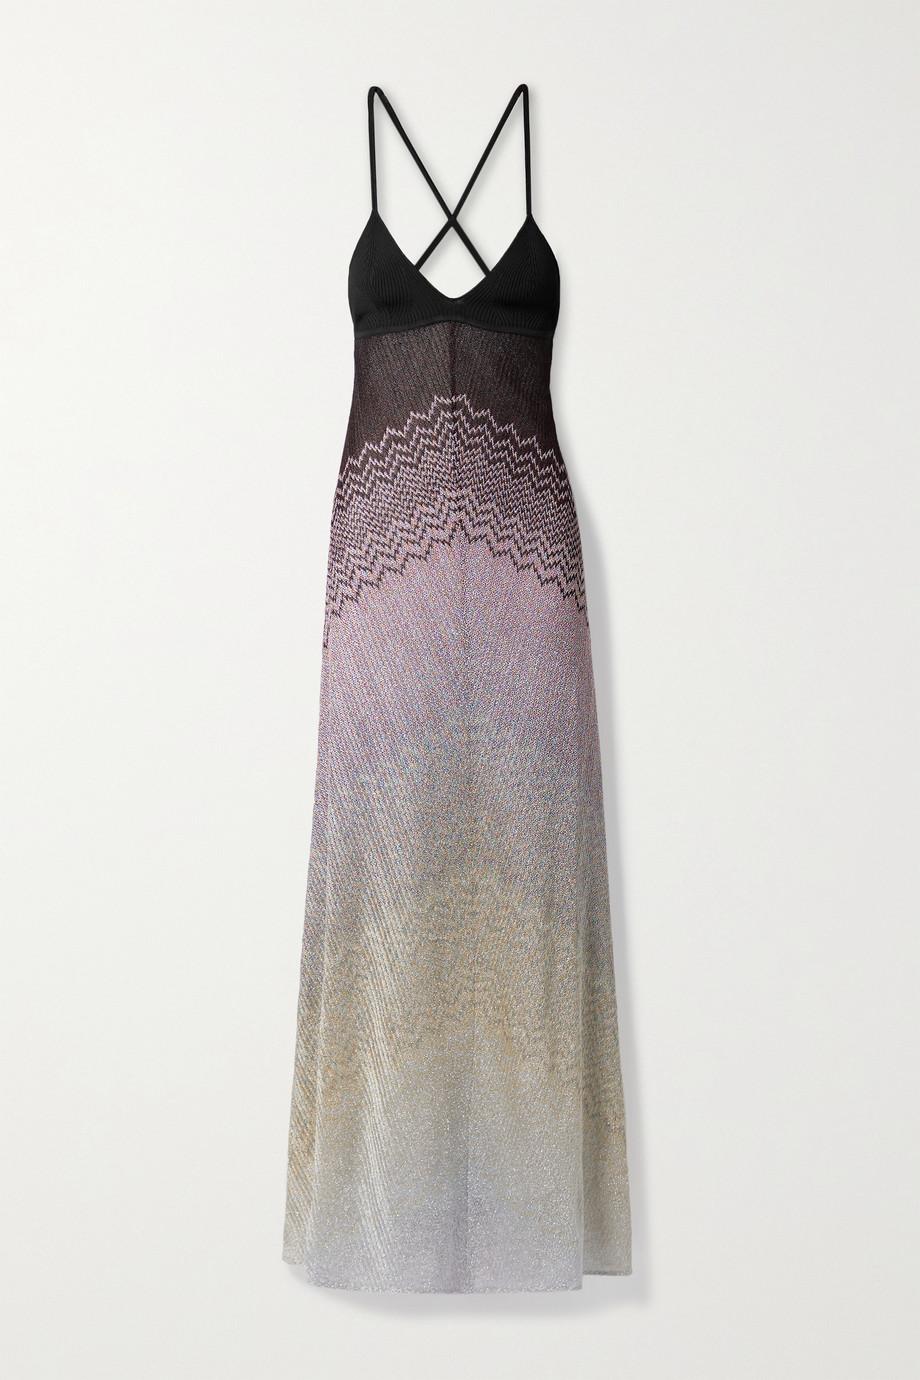 Missoni Robe longue dos ouvert en mailles crochetées métallisées